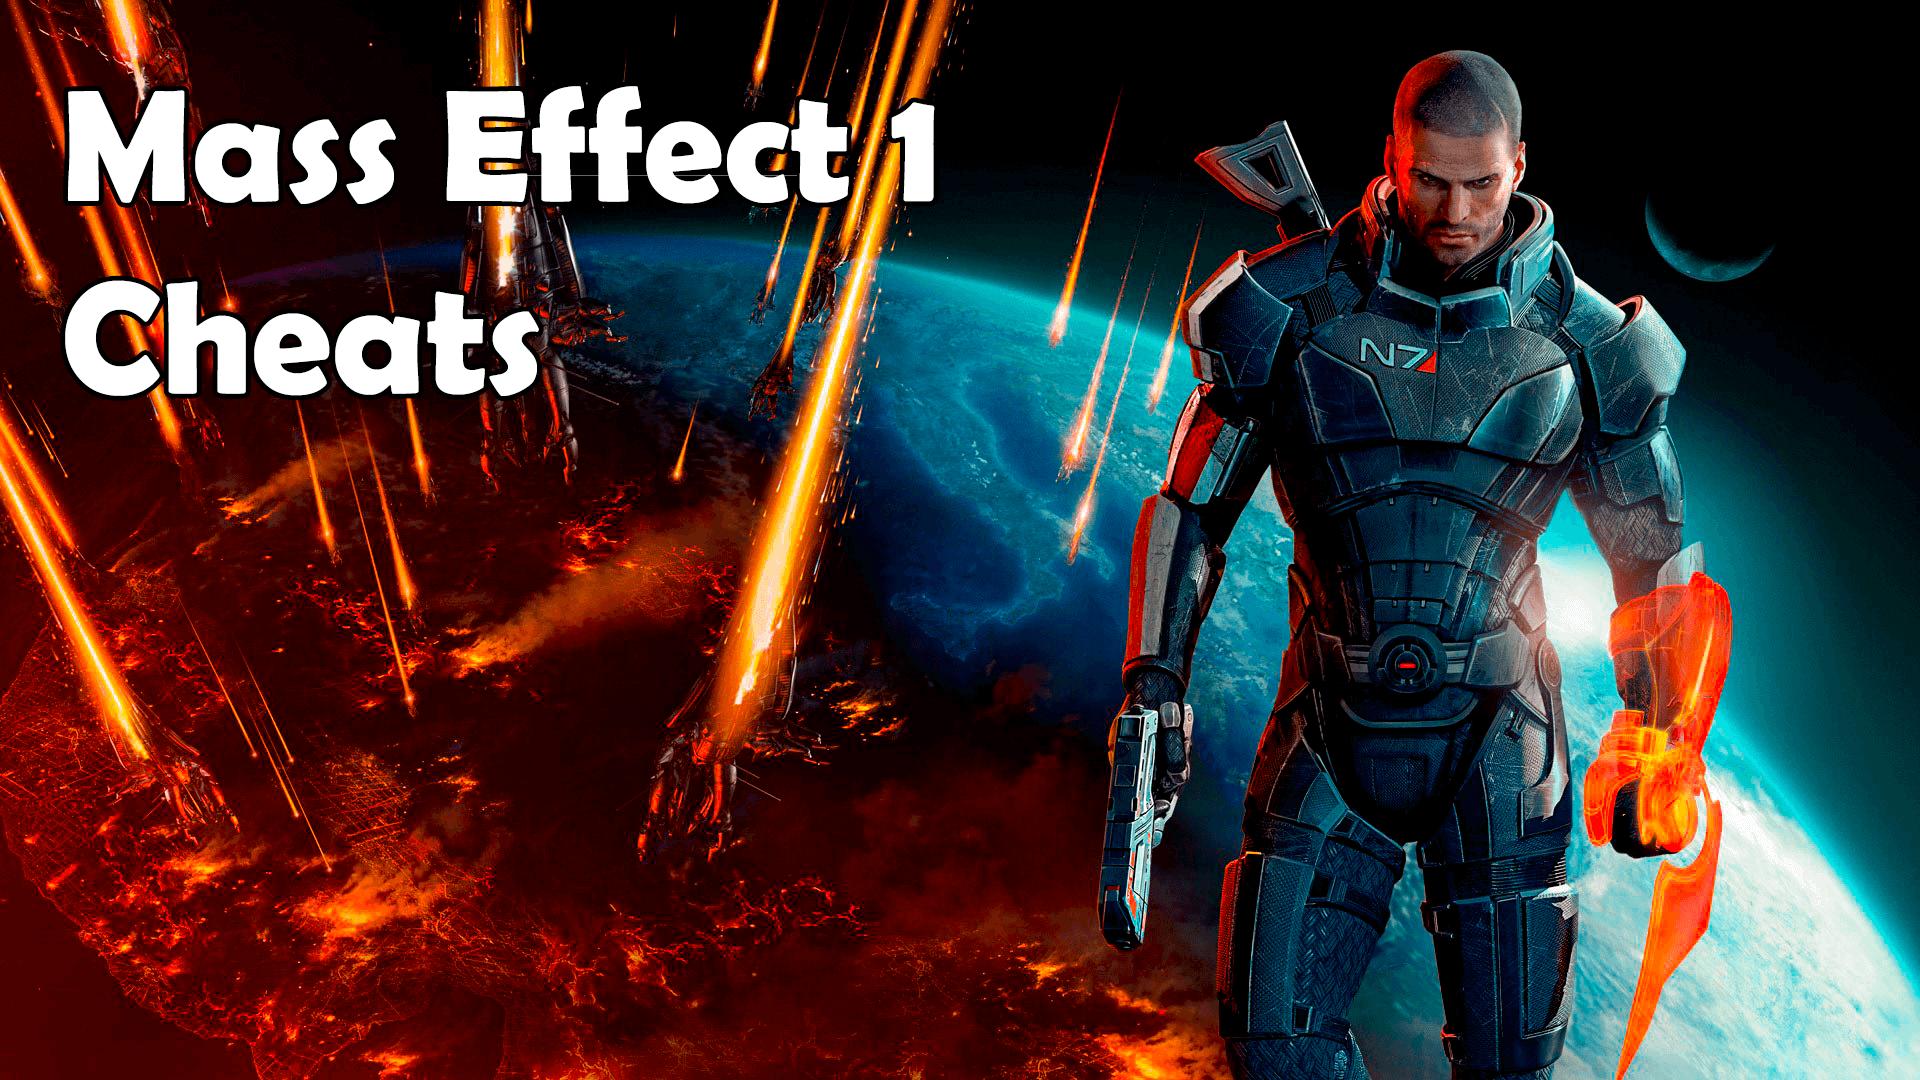 Mass Effect 1 Cheats